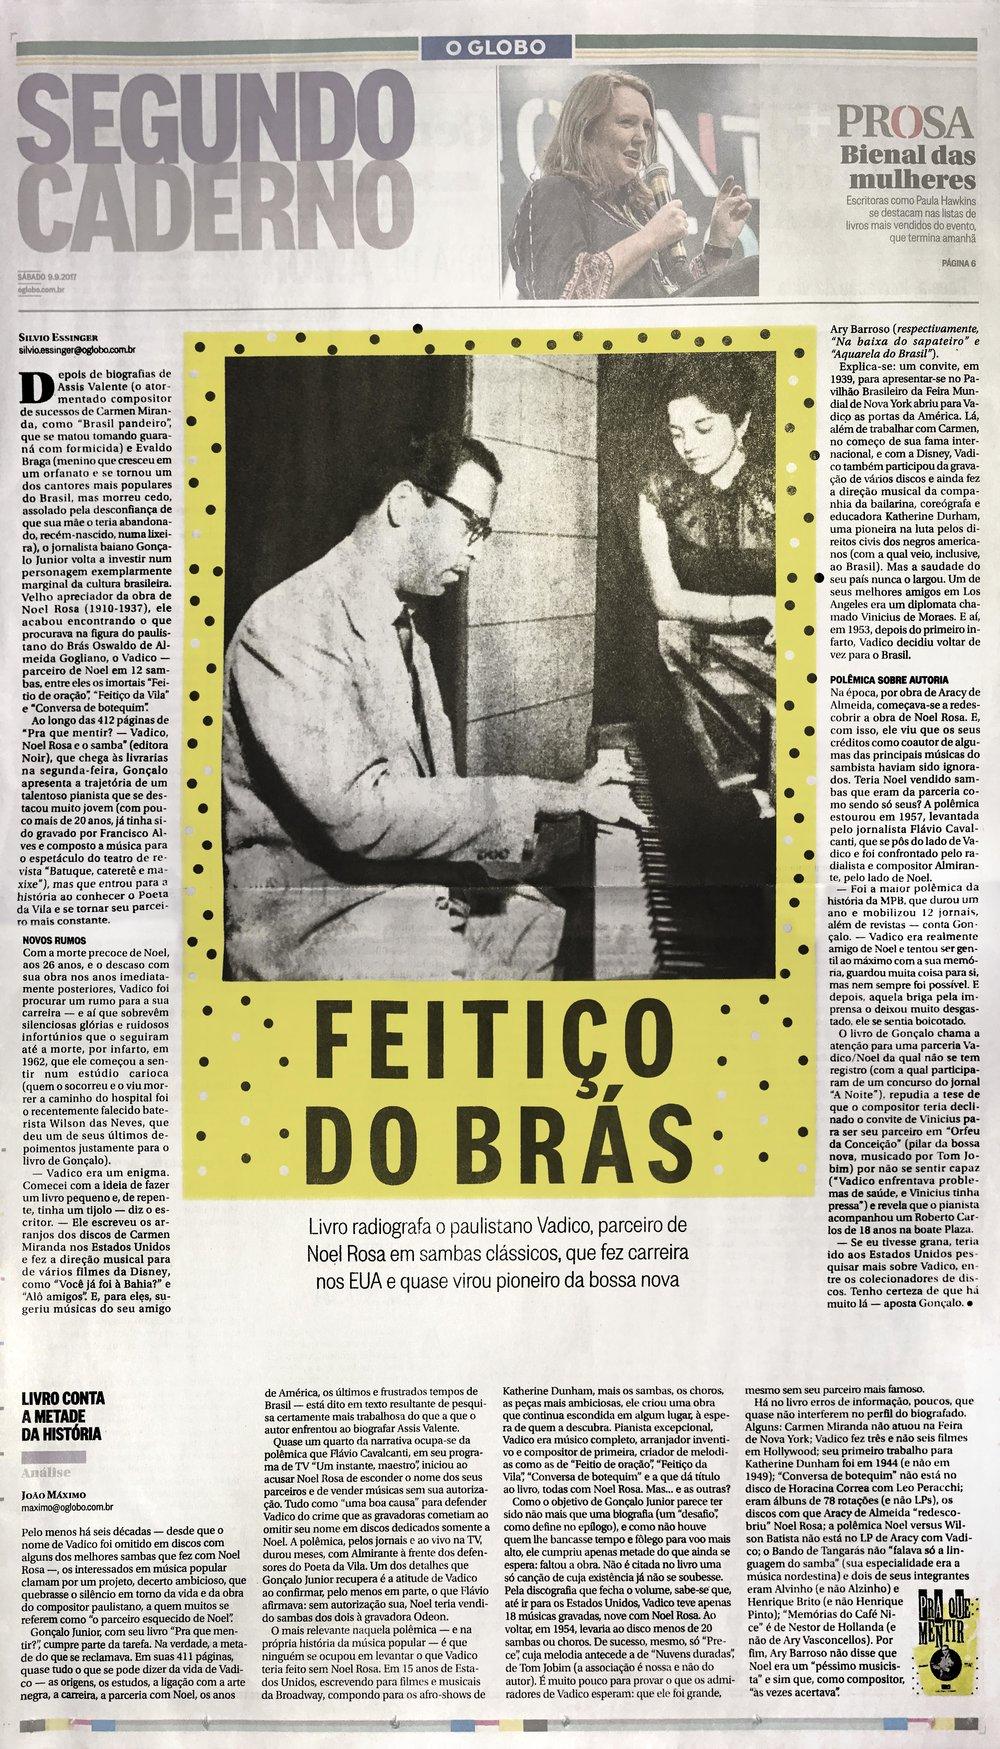 O Globo  Rio de Janeiro – 9/9/2017